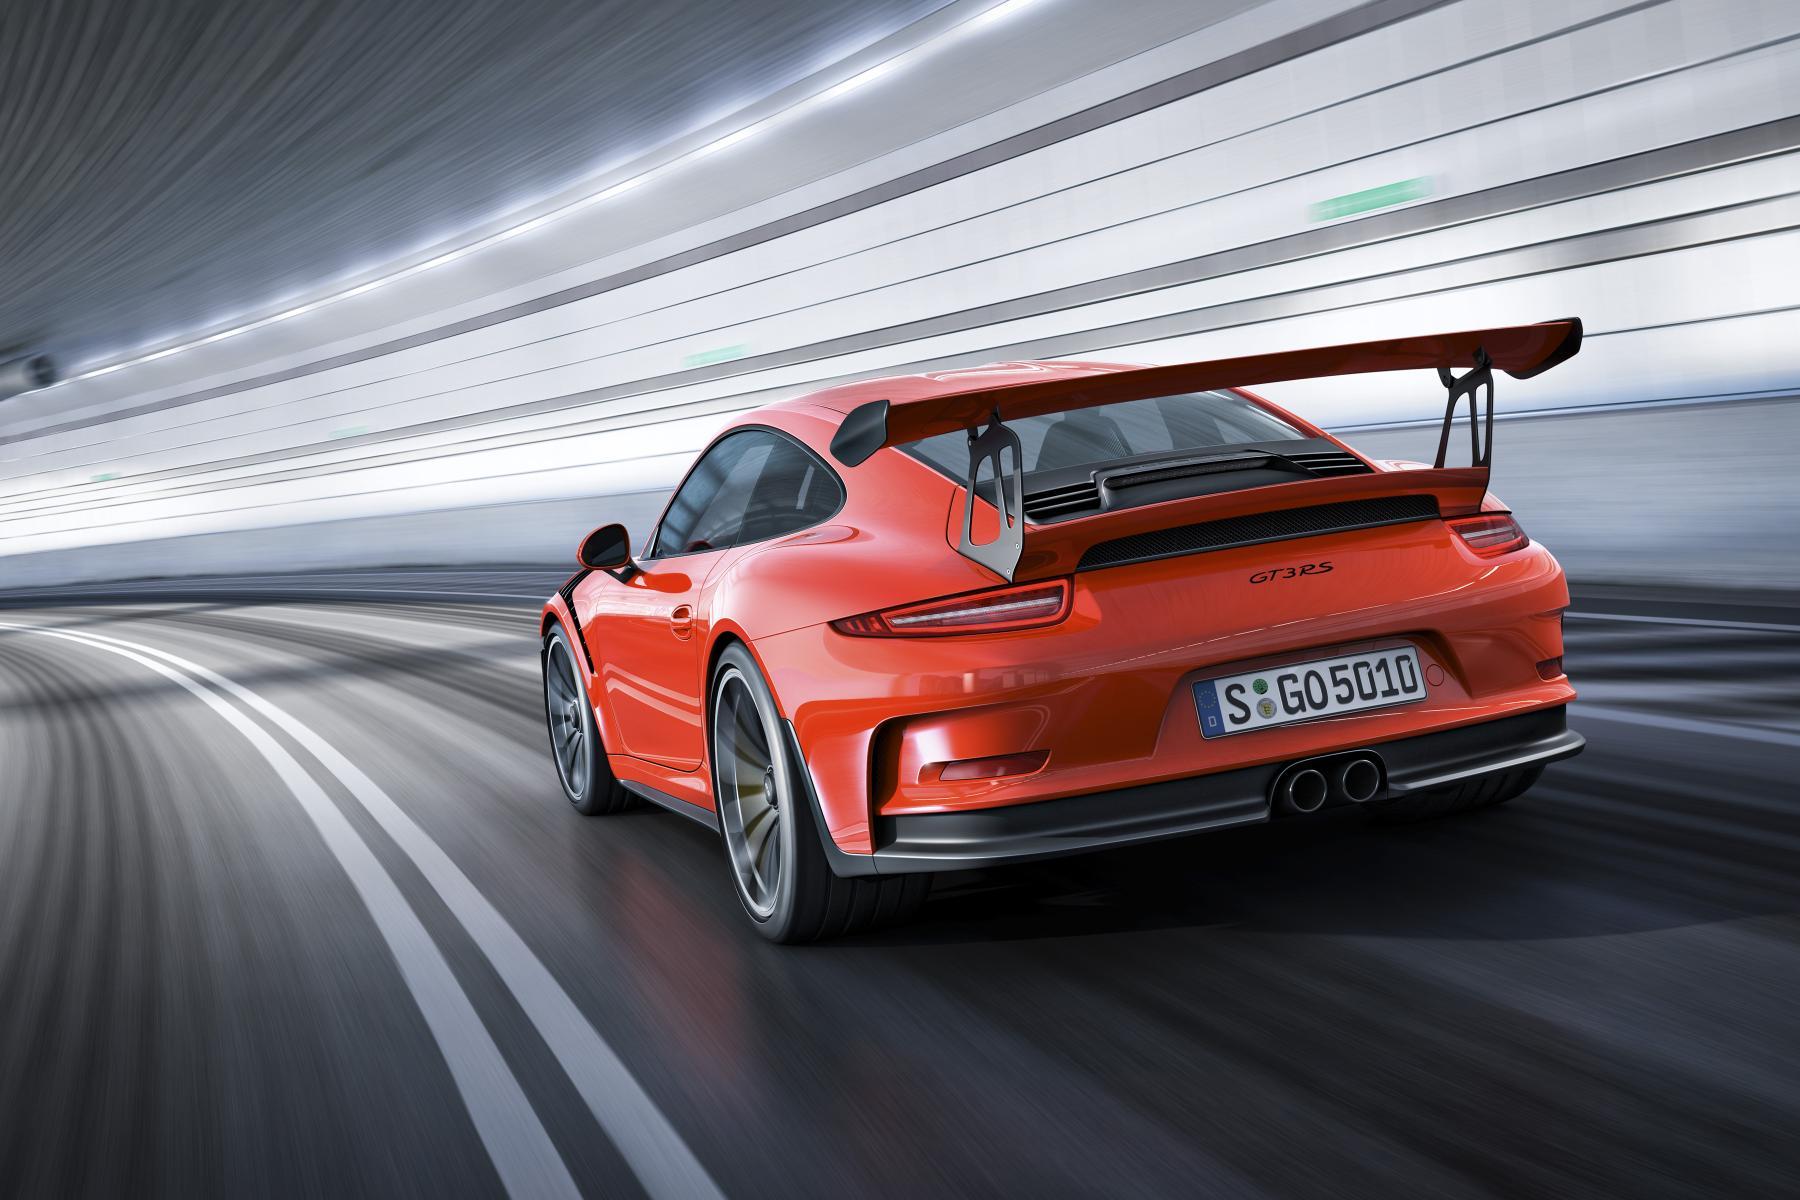 urmatorul-911-gt3-rs-va-primi-cel-mai-mare-motor-din-istoria-sa